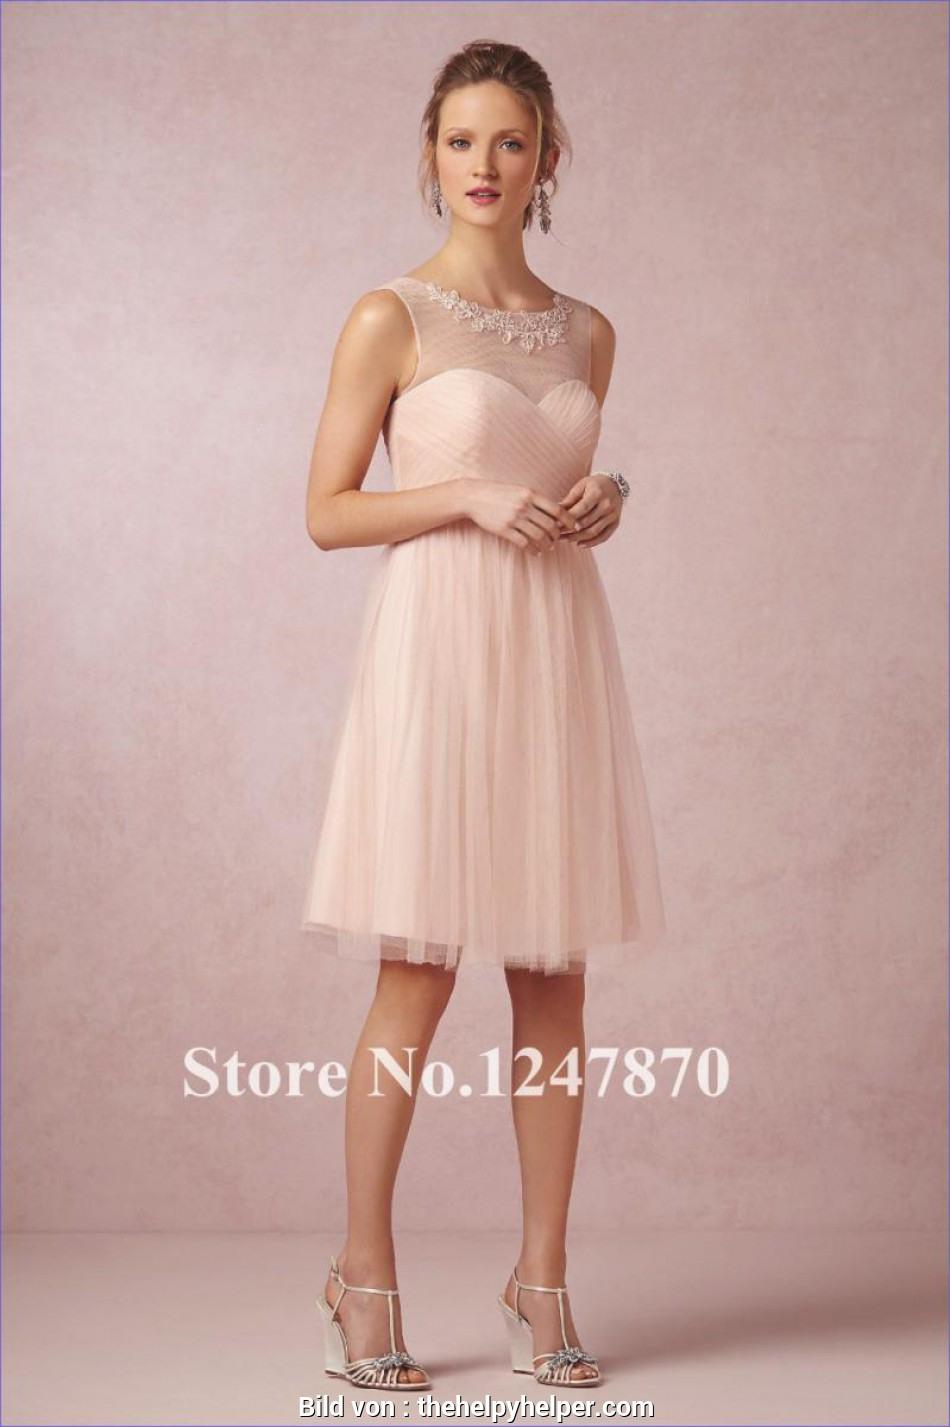 Designer Leicht Schicke Abendkleider Für Hochzeit Stylish Einfach Schicke Abendkleider Für Hochzeit Stylish